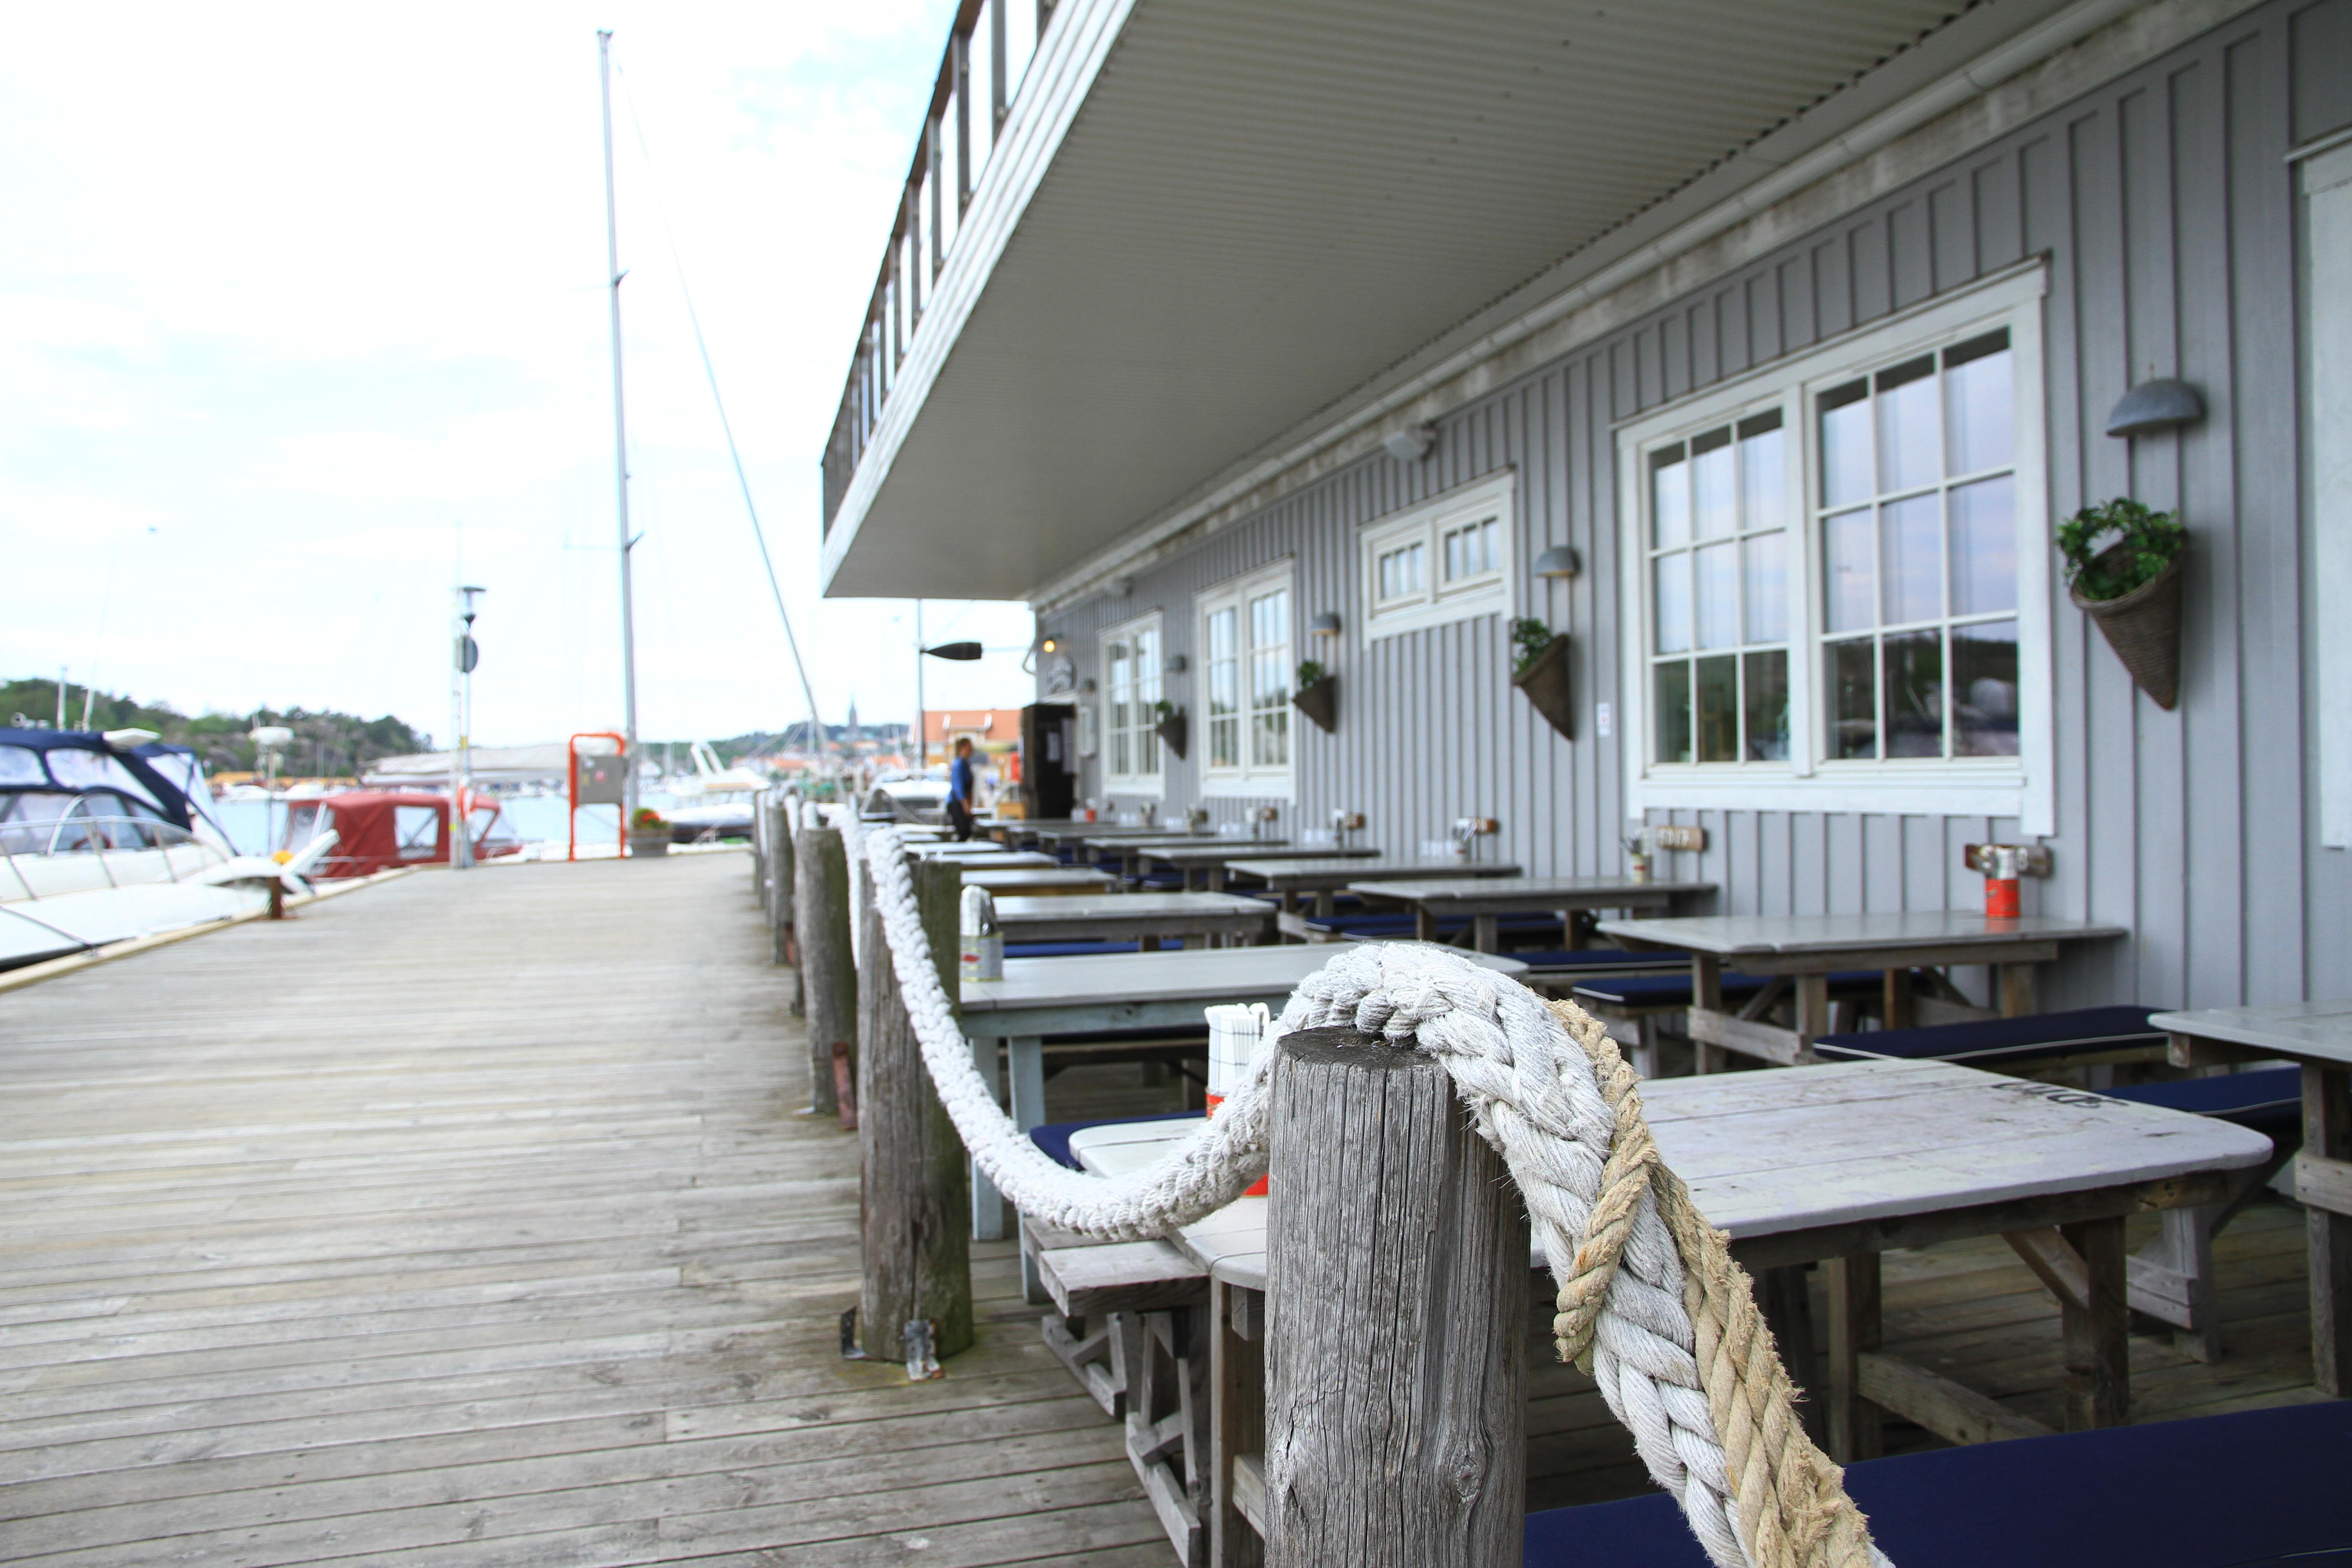 125、瑞典哥德堡:格雷贝斯塔--生蚝小镇3